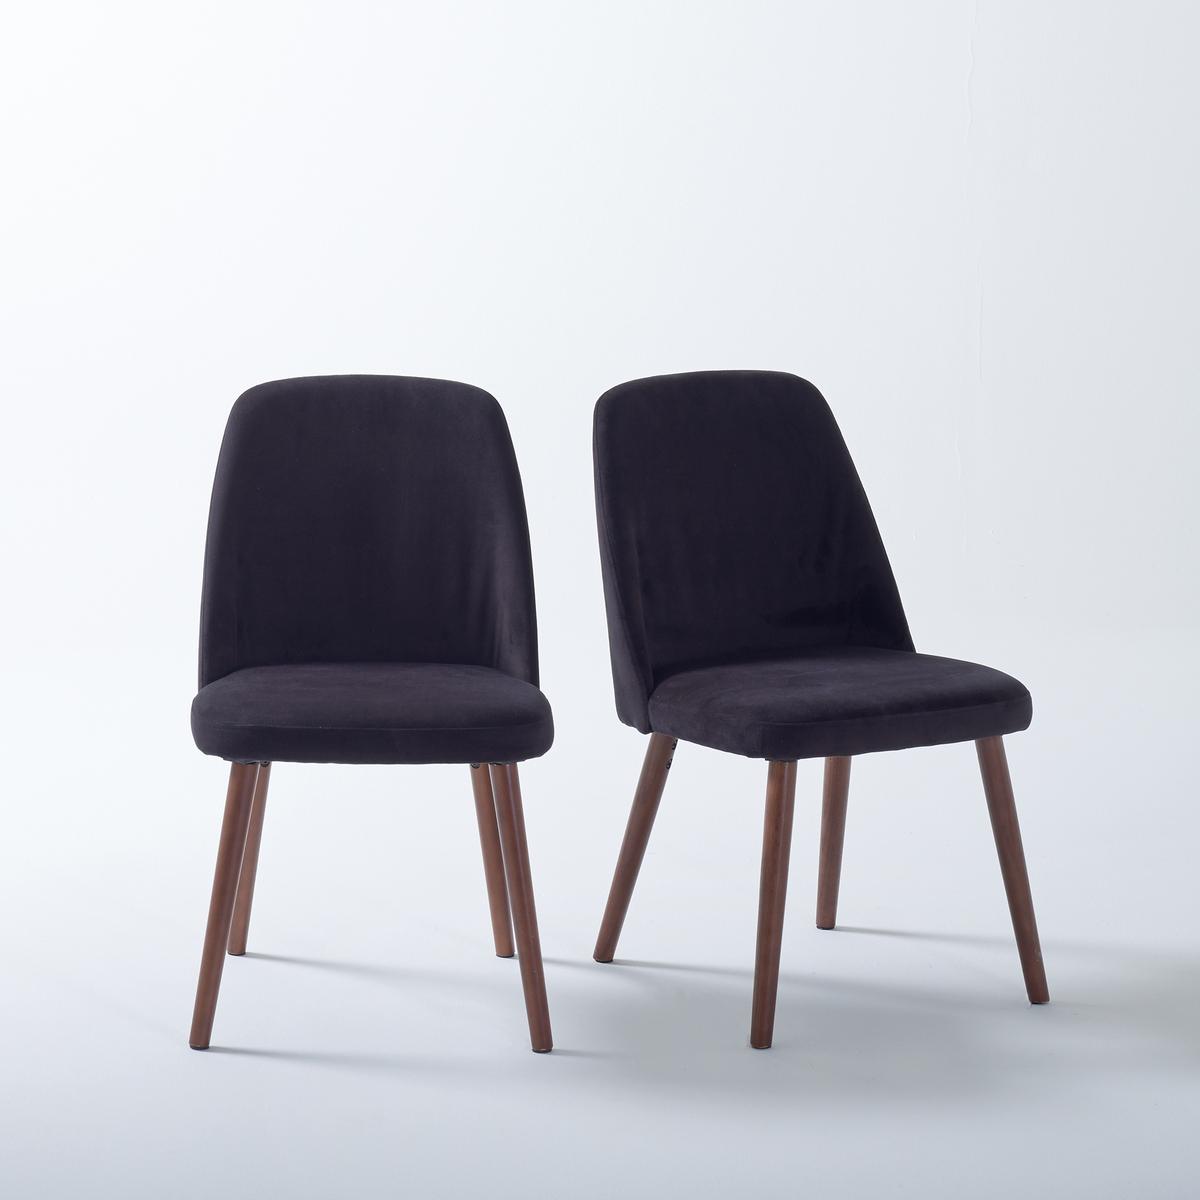 2 стула из велюра и орехового дерева, WATFORD2 стула, велюр и ореховое дерево, Watford. Охватывающая и эргономичная форма для комфорта, очень стильный дизайн, стулья Watford придадут исключительности вокруг стола.Характеристики стула с обивкой из велюра, Watford :Охватывающая эргономичная форма.Обивка спинки и сиденья из велюра 100% полиэстер.Наполнитель из вспененного полиуретана для спинки (25 кг/м?), для сиденья (28 кг/м?).Ножки из массива бука, под орех, покрытие нитролаком.Для оптимального качества и устойчивости рекомендуется надежно затянуть болты. Откройте для себя всю коллекцию Watford на сайте laredoute.ru.Размеры стула с обивкой из велюра Watford :Общие :Длина : 48 см.Высота : 82,5 смГлубина : 55,5 смСиденье :Высота : 45,5 смРазмеры и вес упаковки :1 коробкаШир. 58 x Выс. 56 x Гл. 44,5 см17 кгДоставка :Стулья Watford продаются в разобранном виде.Возможна доставка до квартиры по предварительному согласованию !Внимание ! Убедитесь, что дверные, лестничные и лифтовые проемы позволяют осуществить доставку коробки таких габаритов .<br><br>Цвет: темно-синий,черный